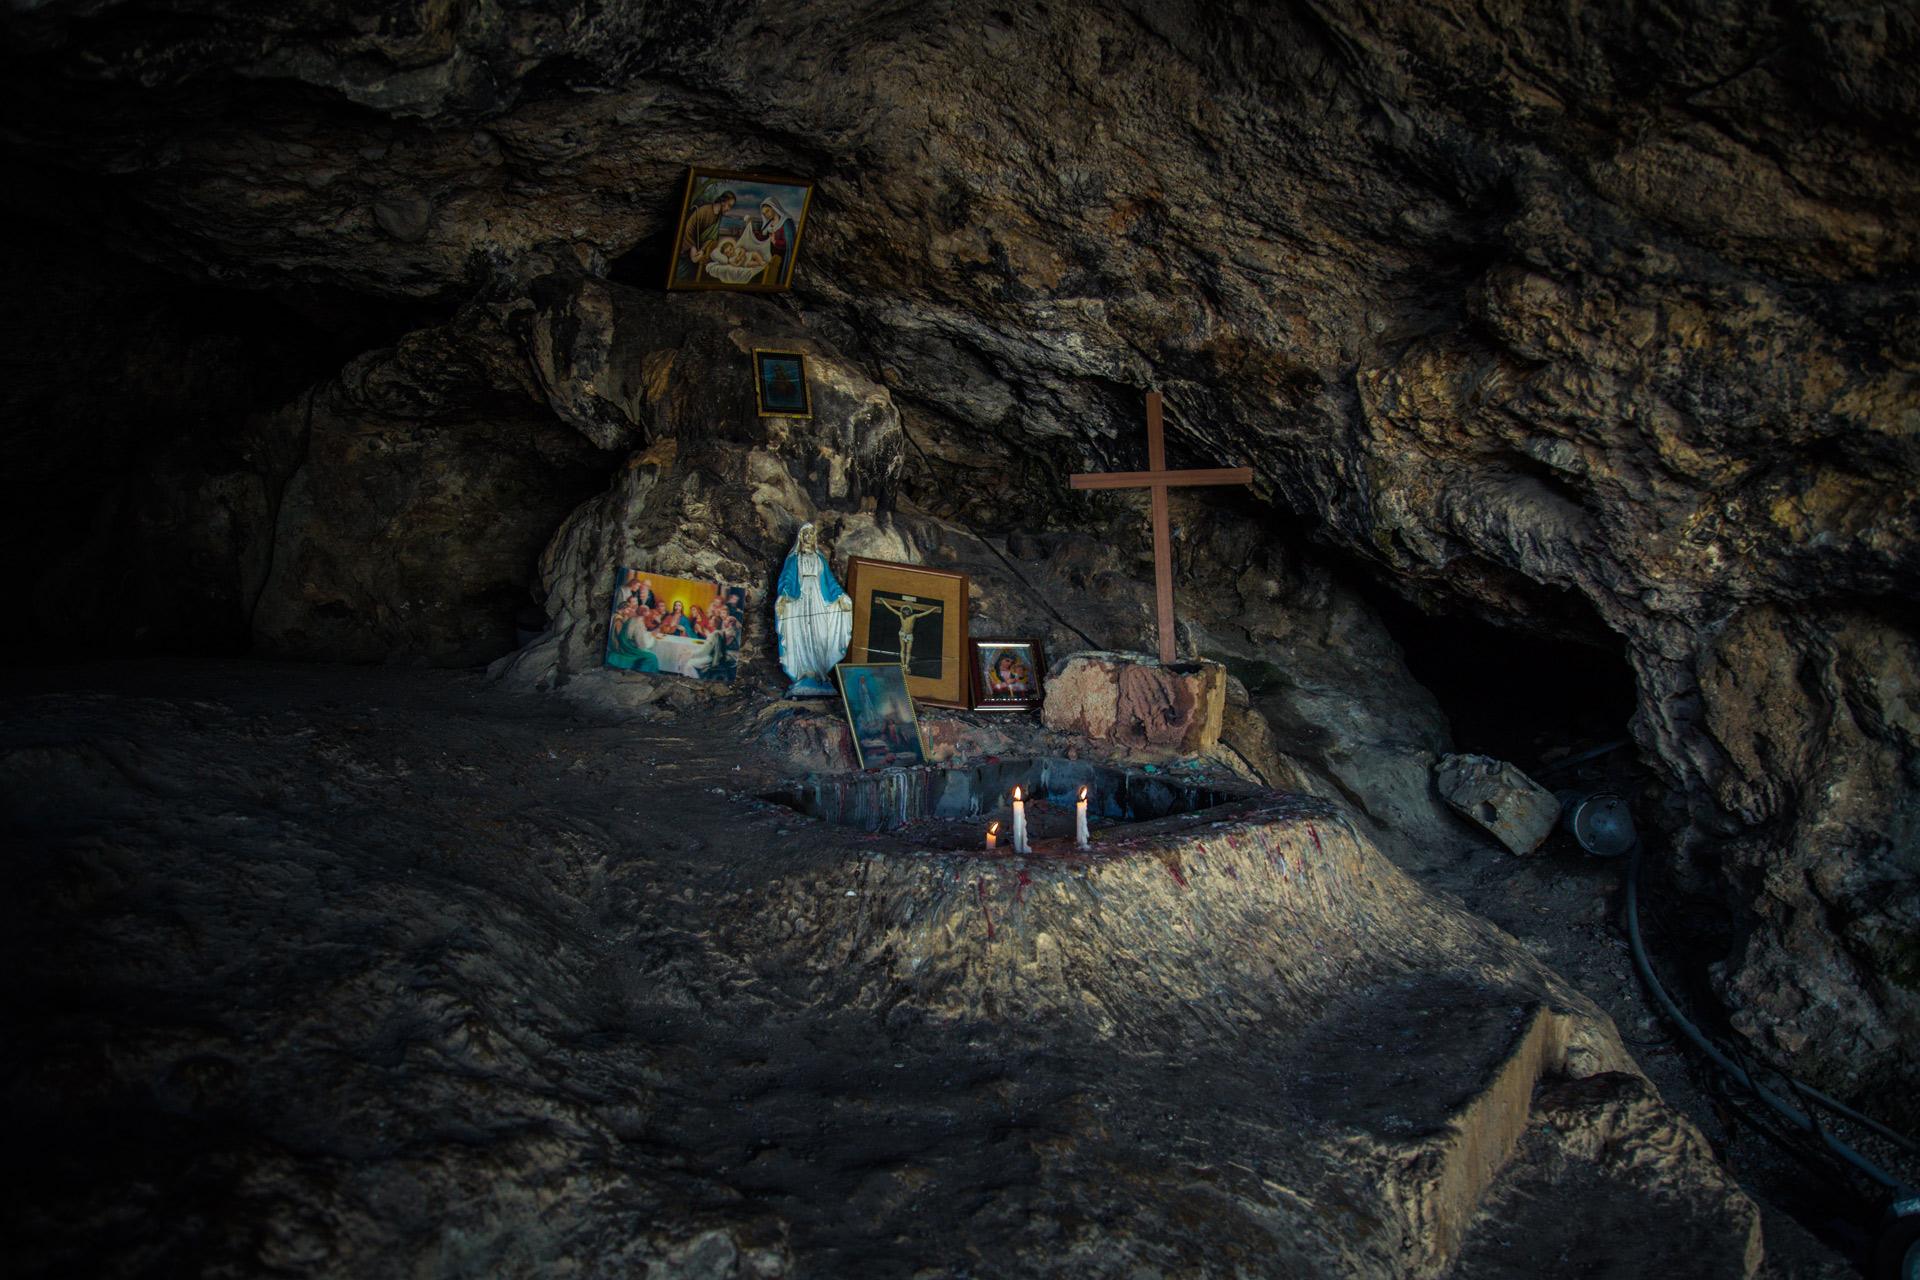 Grotto de Qana, Lebanon